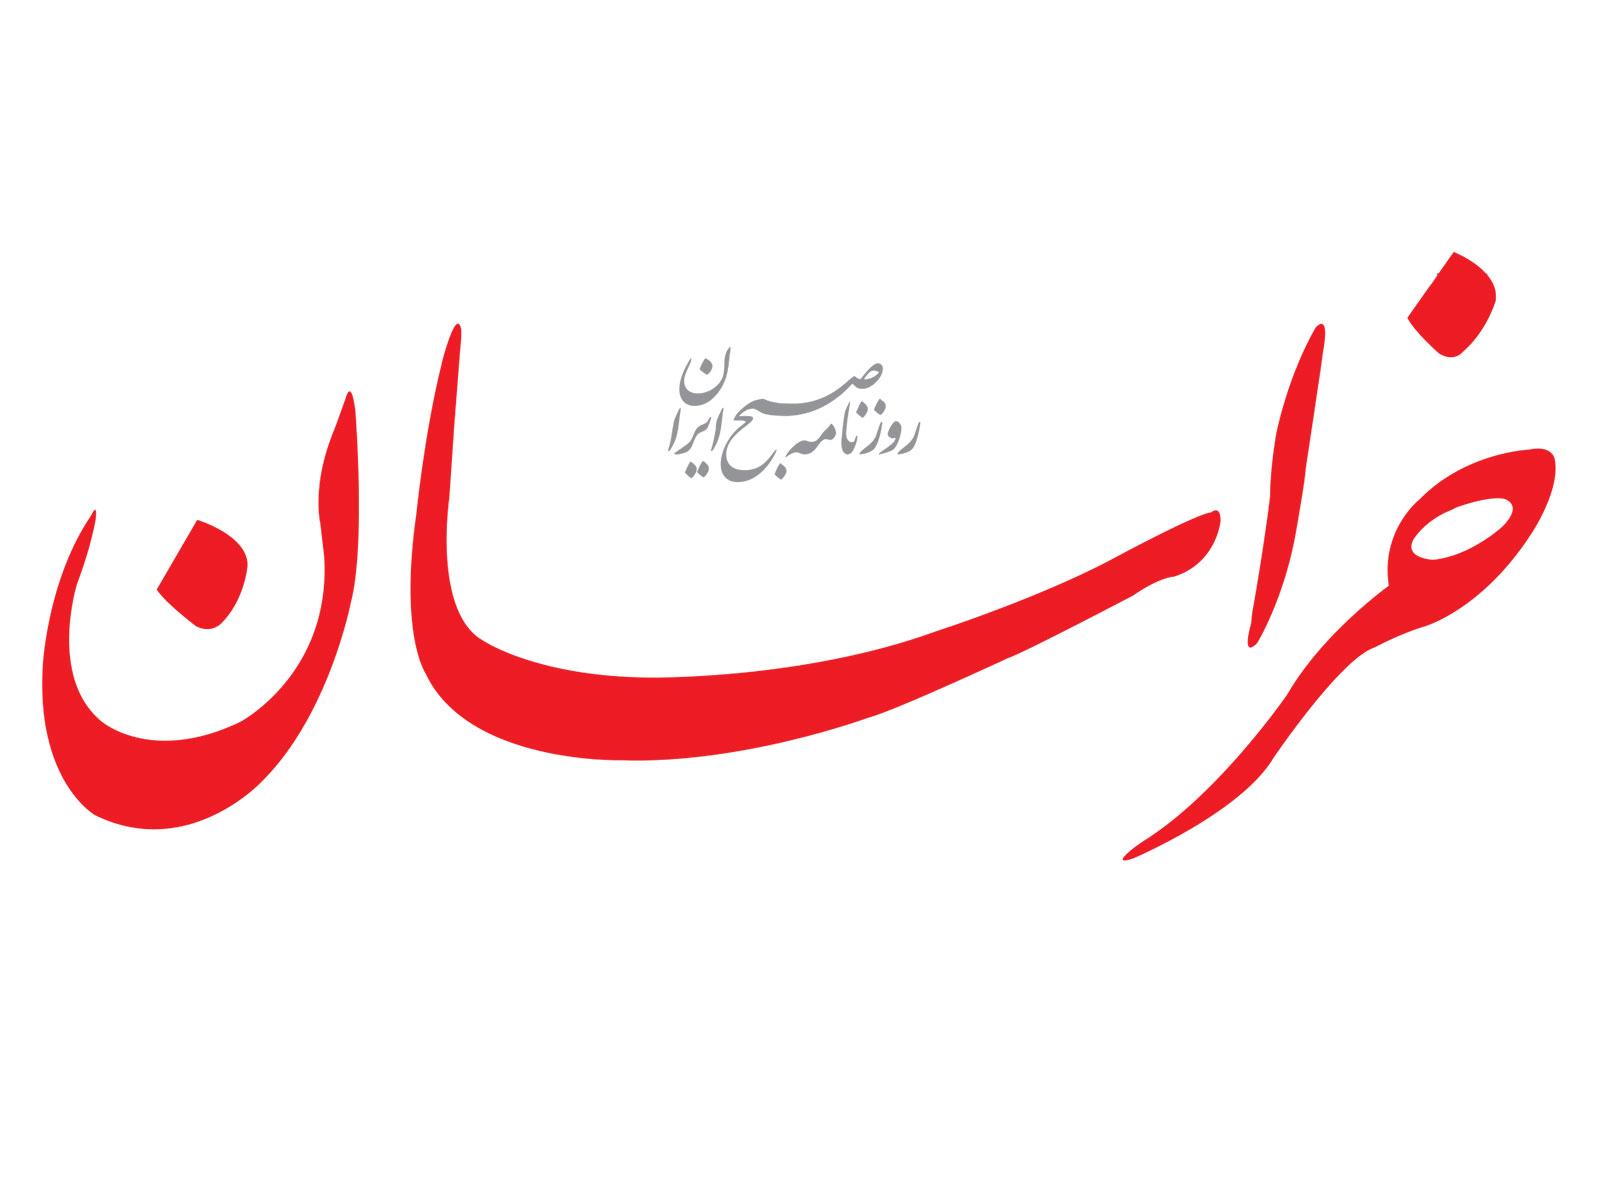 سرمقاله خراسان/ سلام و صلوات ابدی بر مبارک ترین مولود عالم هستی